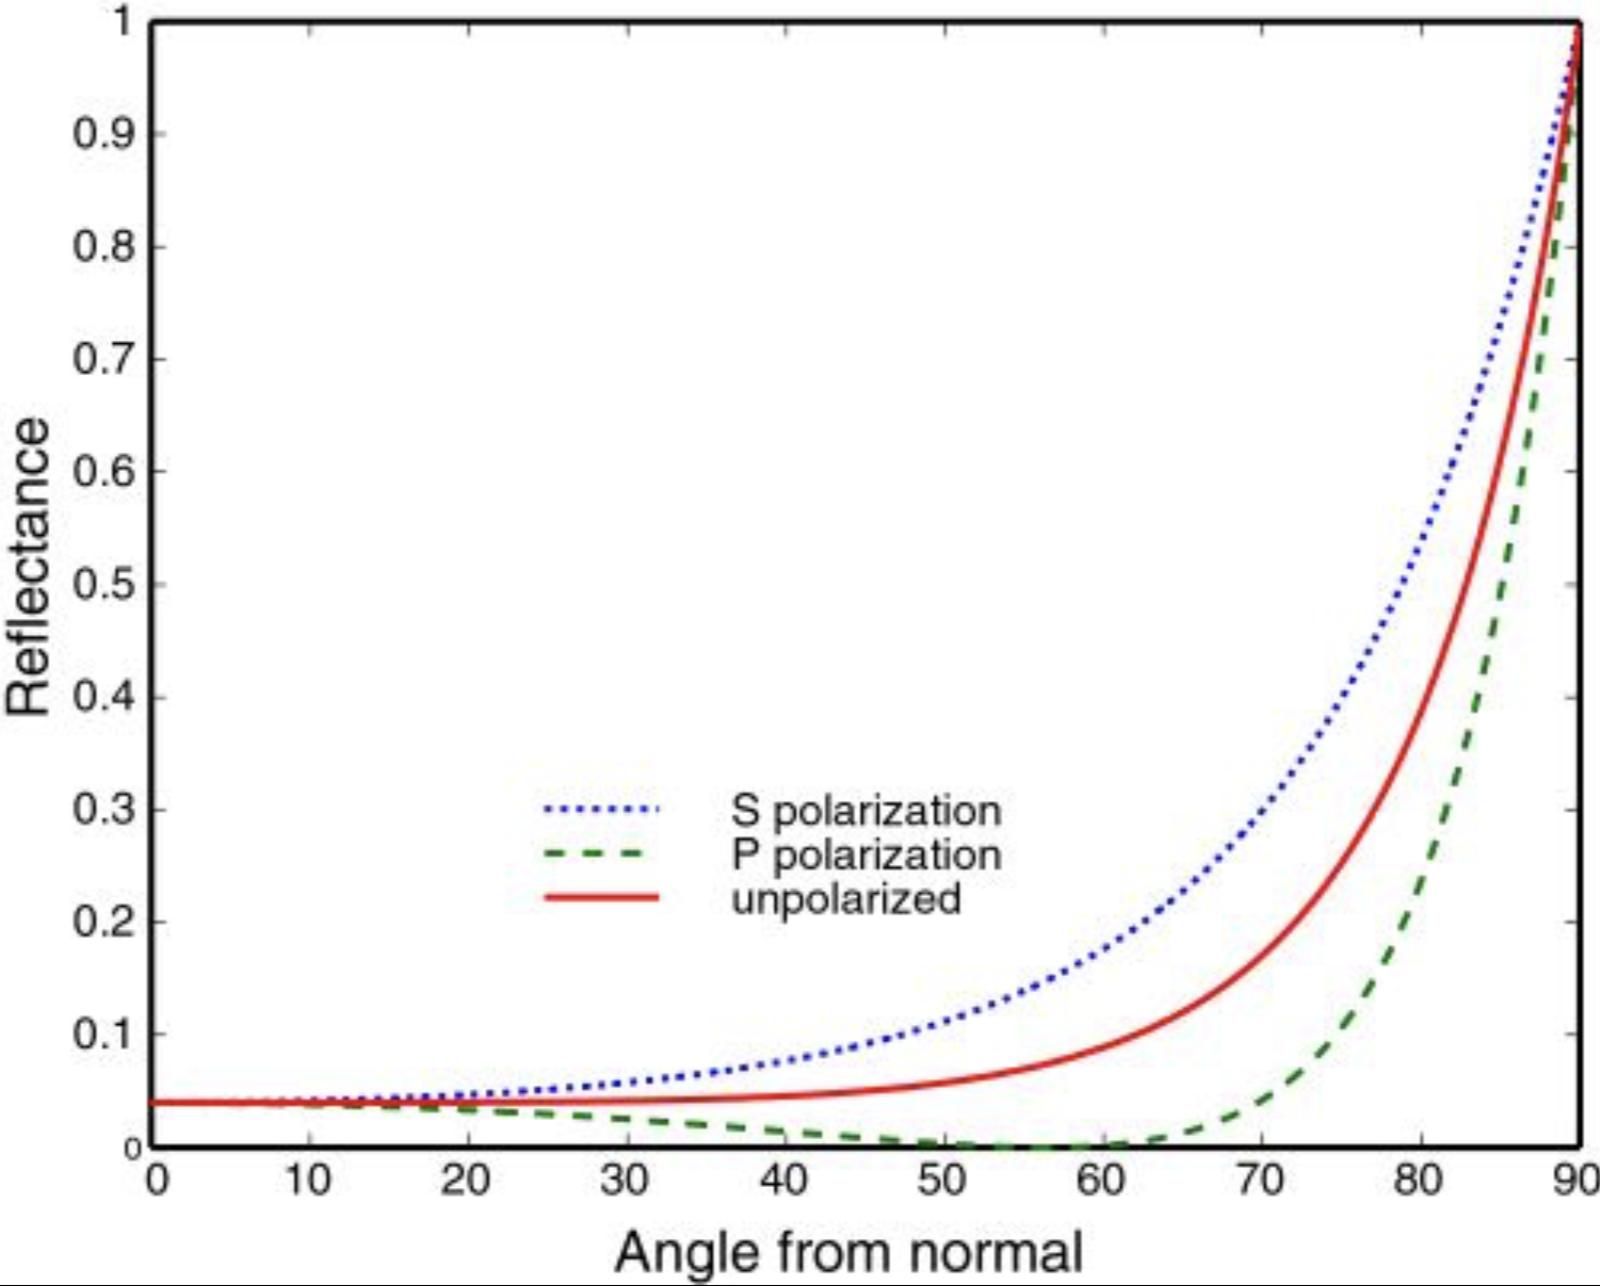 菲涅尔曲线-非金属